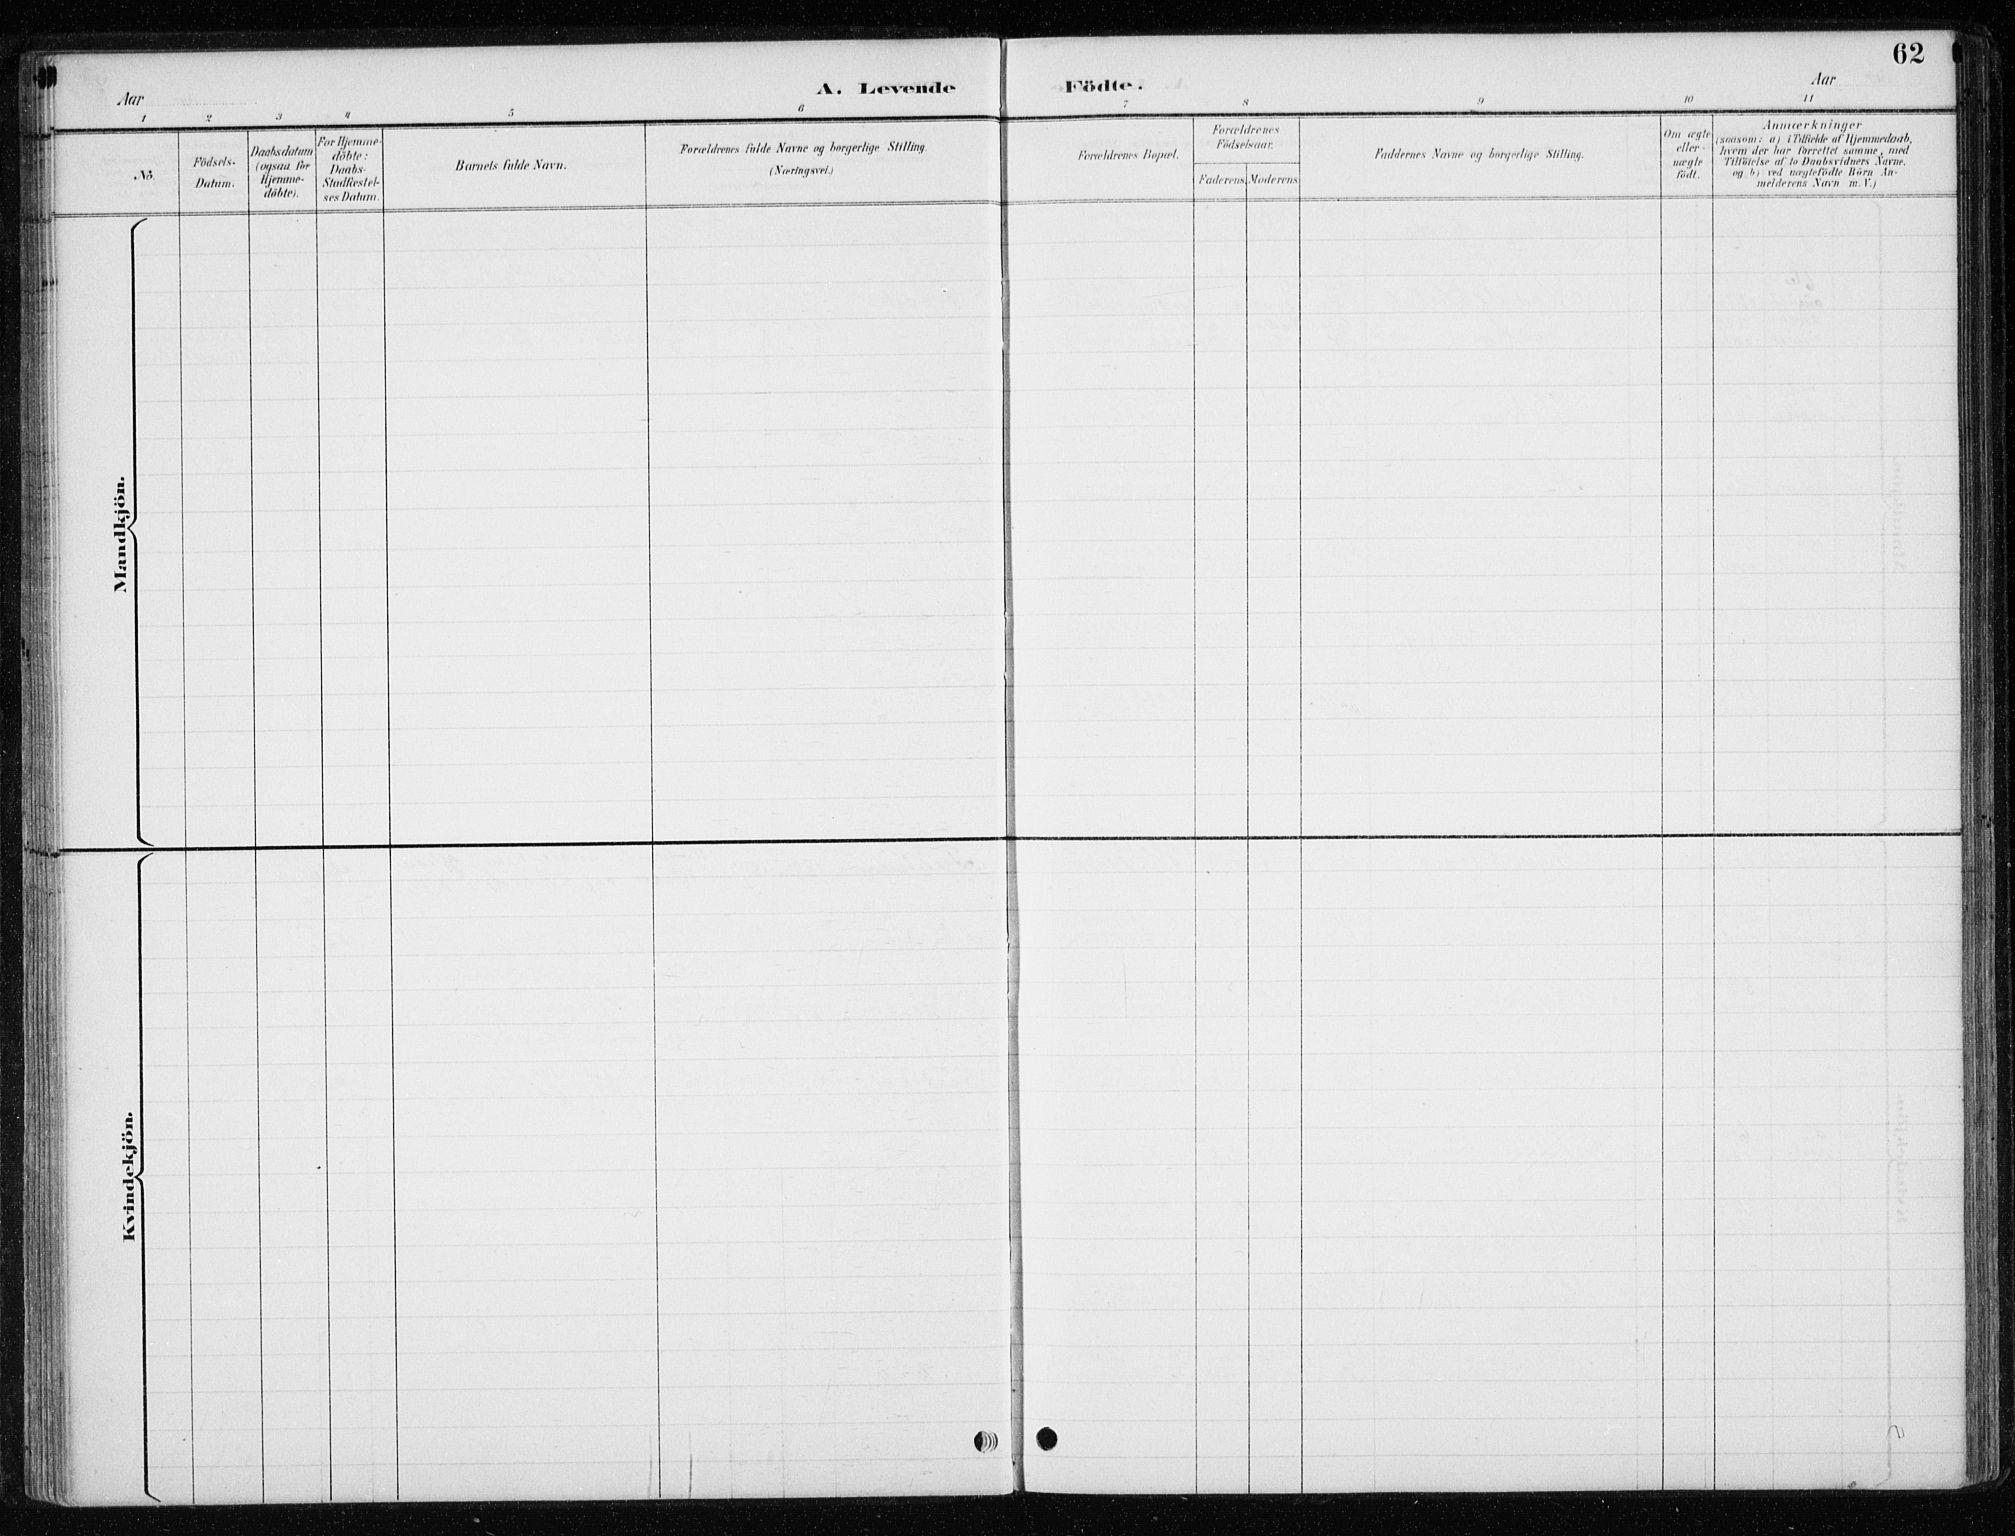 SAT, Ministerialprotokoller, klokkerbøker og fødselsregistre - Nord-Trøndelag, 710/L0096: Klokkerbok nr. 710C01, 1892-1925, s. 62